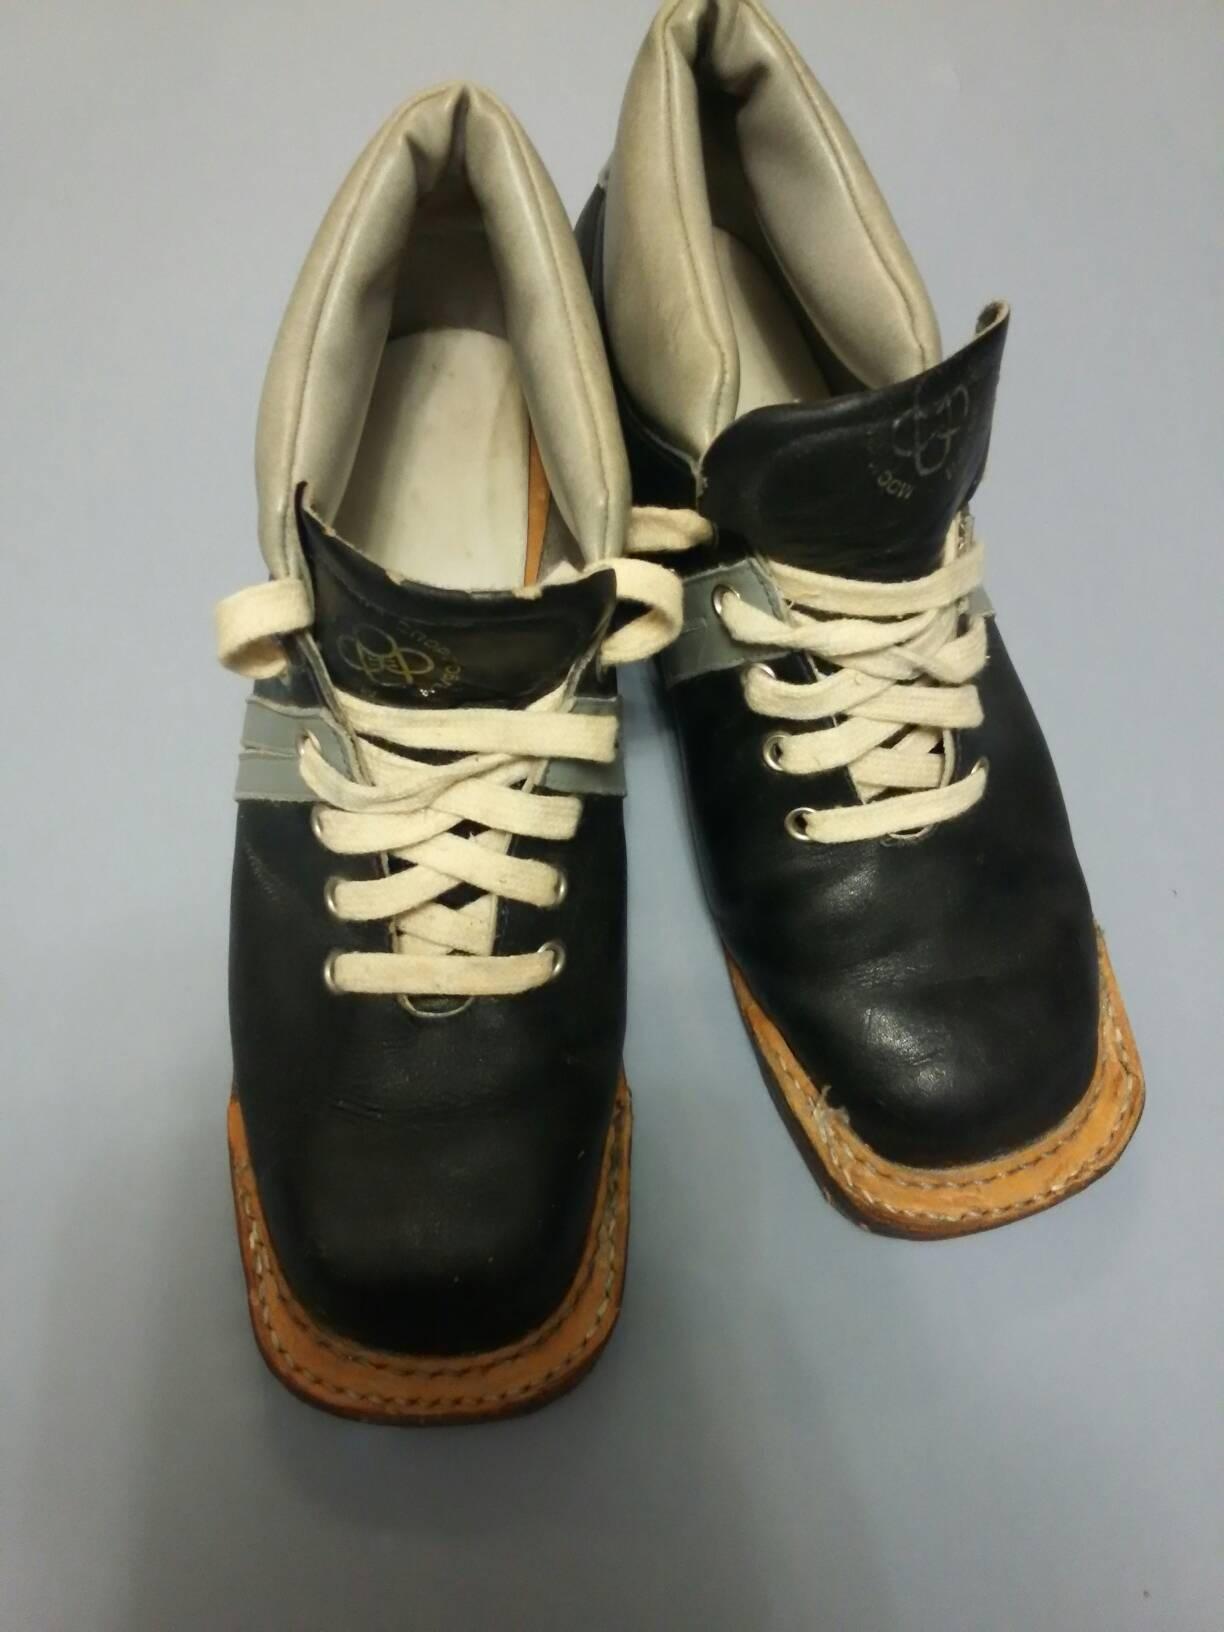 Soviet Vintage Ski Boots, Vintage Vintage Vintage Ski Shoes, Winter Sport Shoes, Leather Ski Boots, Made in USSR, 1970s 8784e6